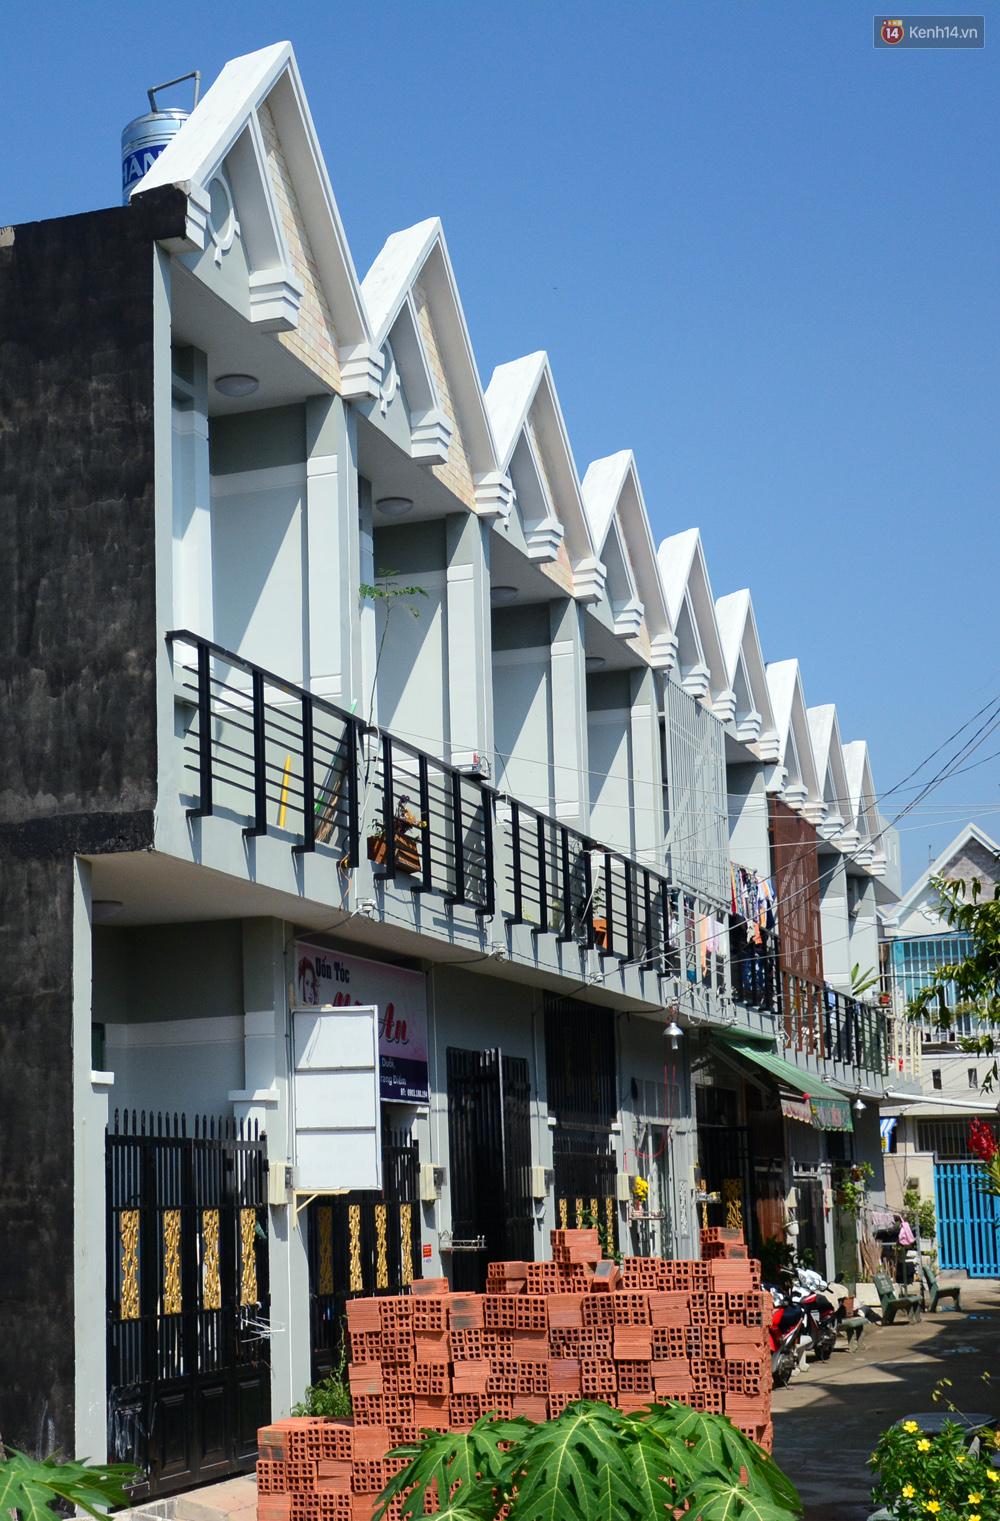 Những khu phố đồng phục thú vị ở Sài Gòn với dãy nhà giống hệt nhau - Ảnh 13.